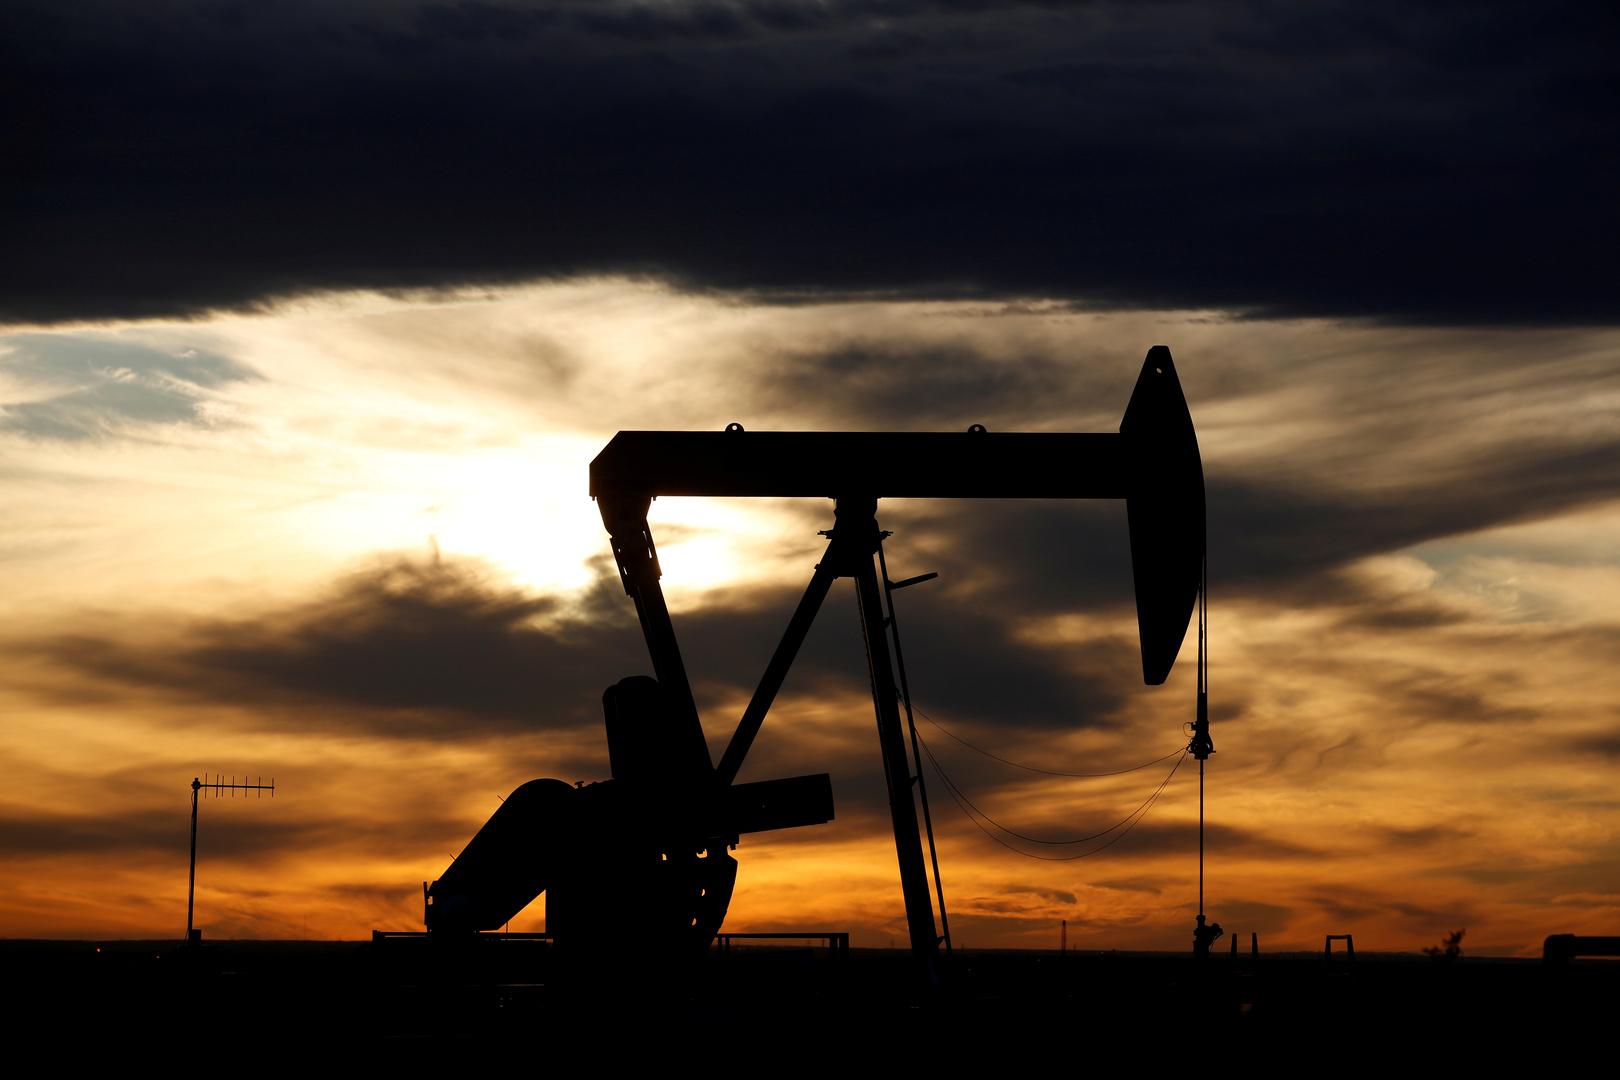 السودان..بدء إنتاج النفط في حقل جديد خلال أسبوعين